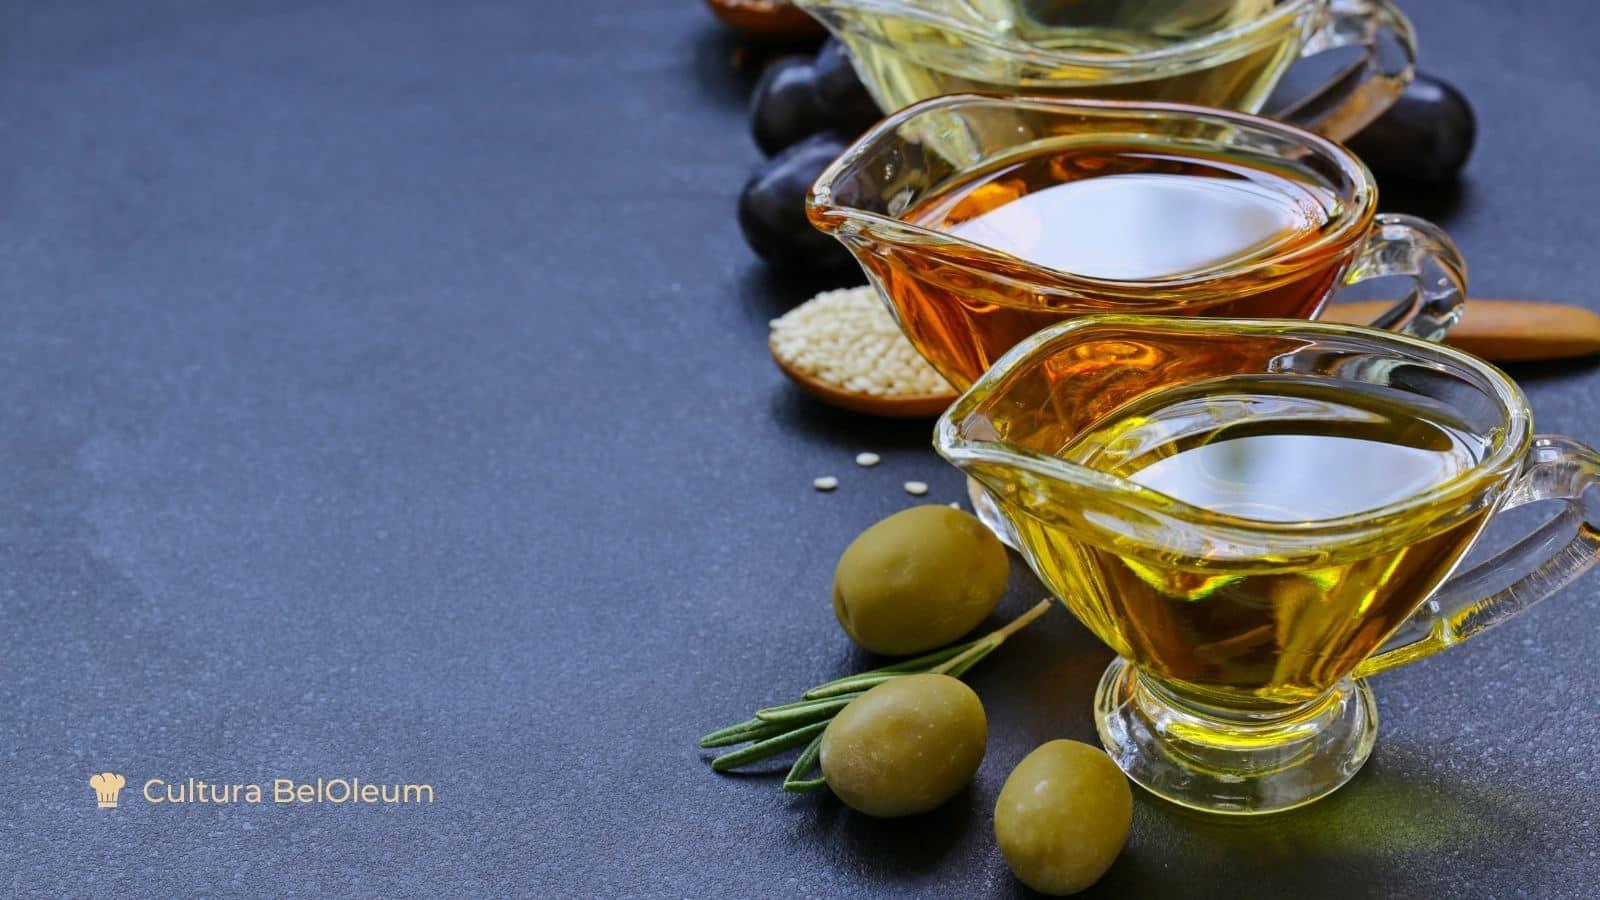 como catar aceite de oliva